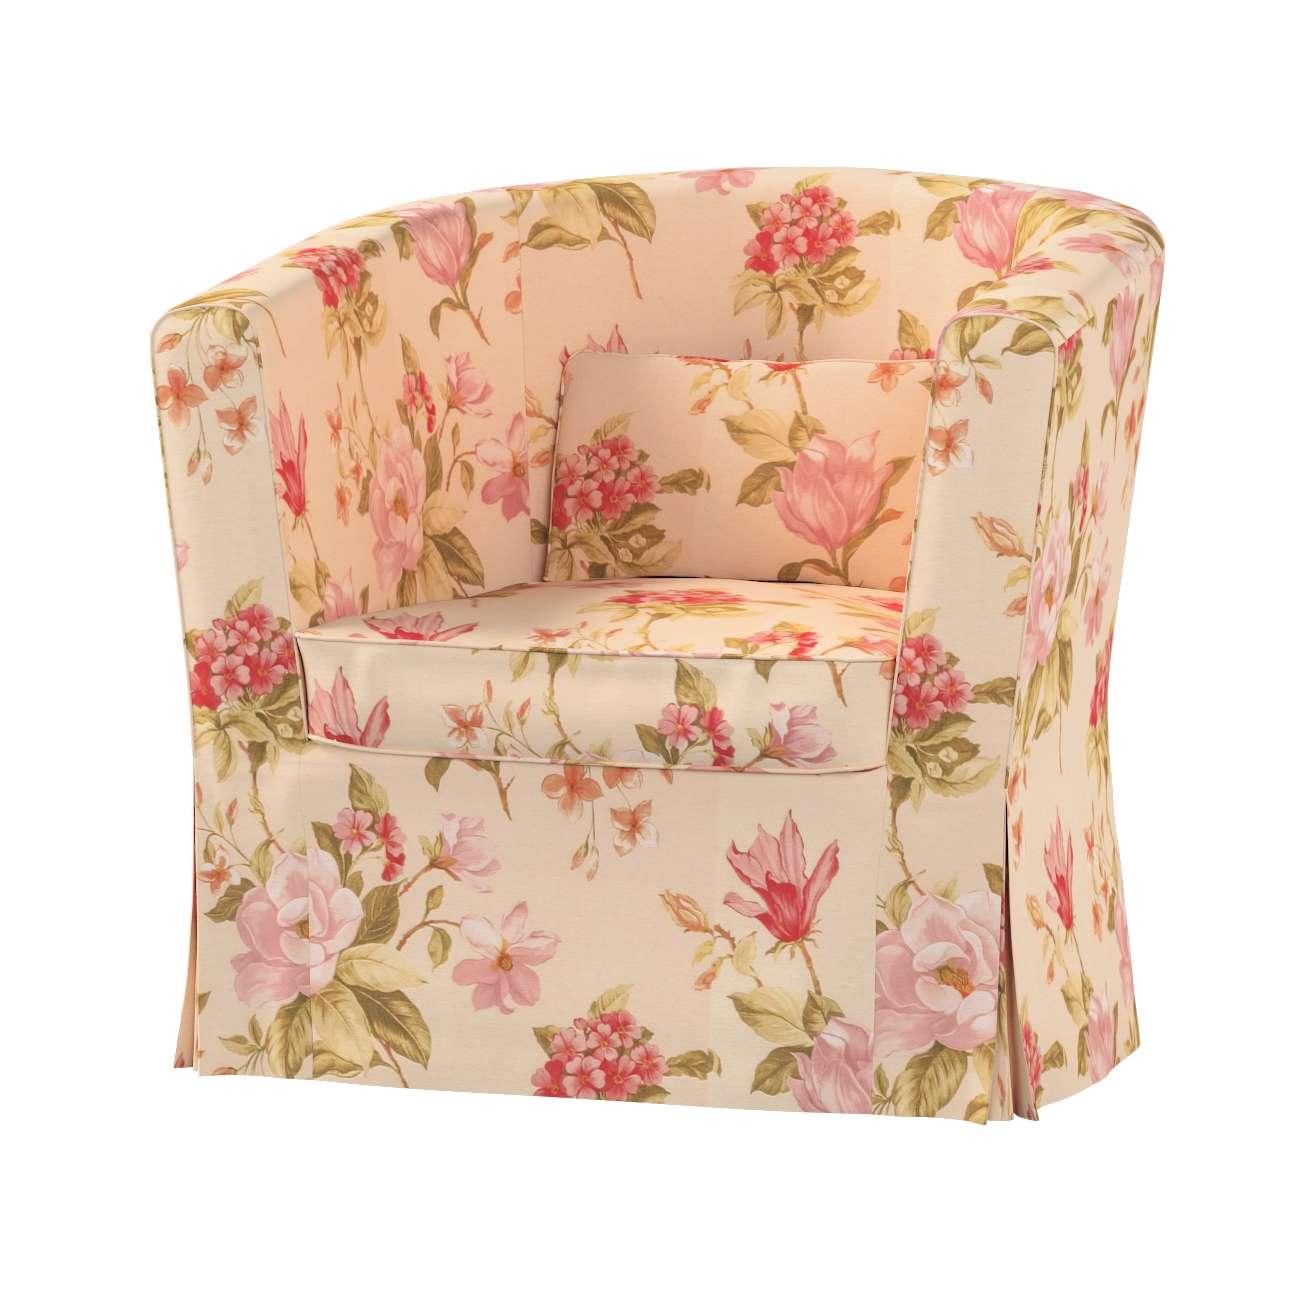 Pokrowiec na fotel Ektorp Tullsta w kolekcji Londres, tkanina: 123-05